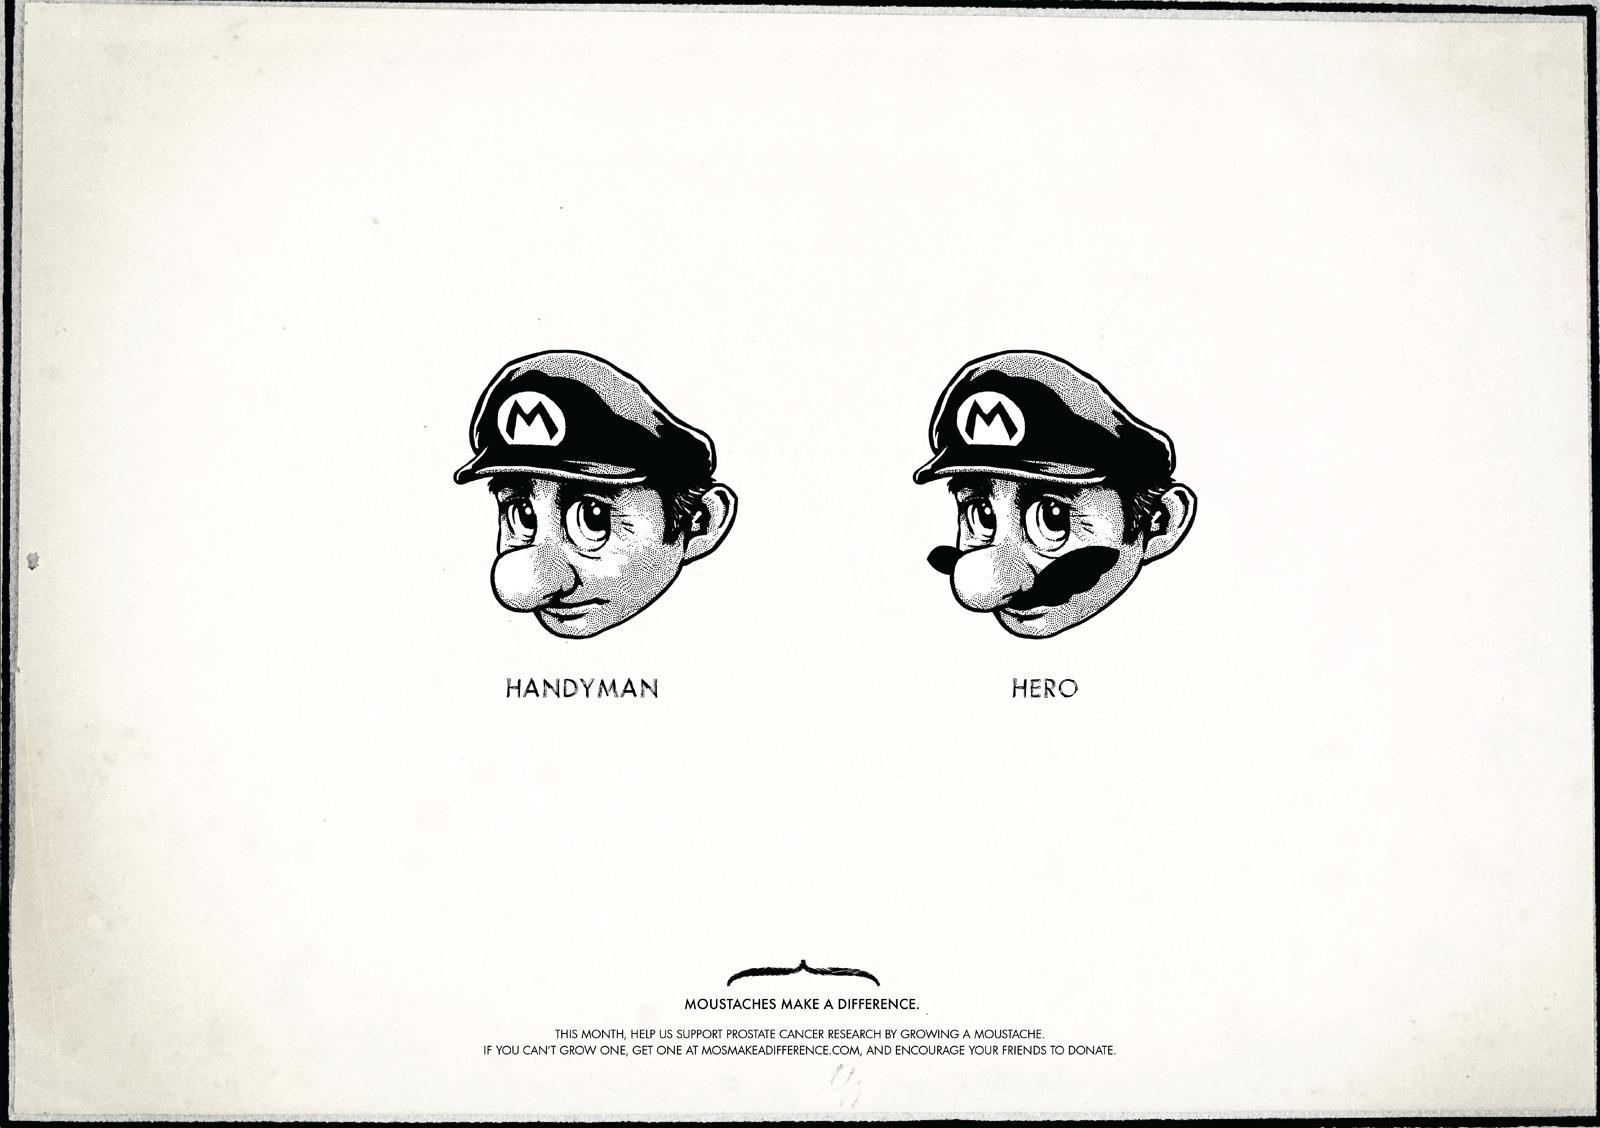 http://3.bp.blogspot.com/_42nL05s3A-8/TNnx-k6BANI/AAAAAAAADBI/Fdy7b6Ek2b0/s1600/Moustaches-Make-A-Difference-supermario.jpg